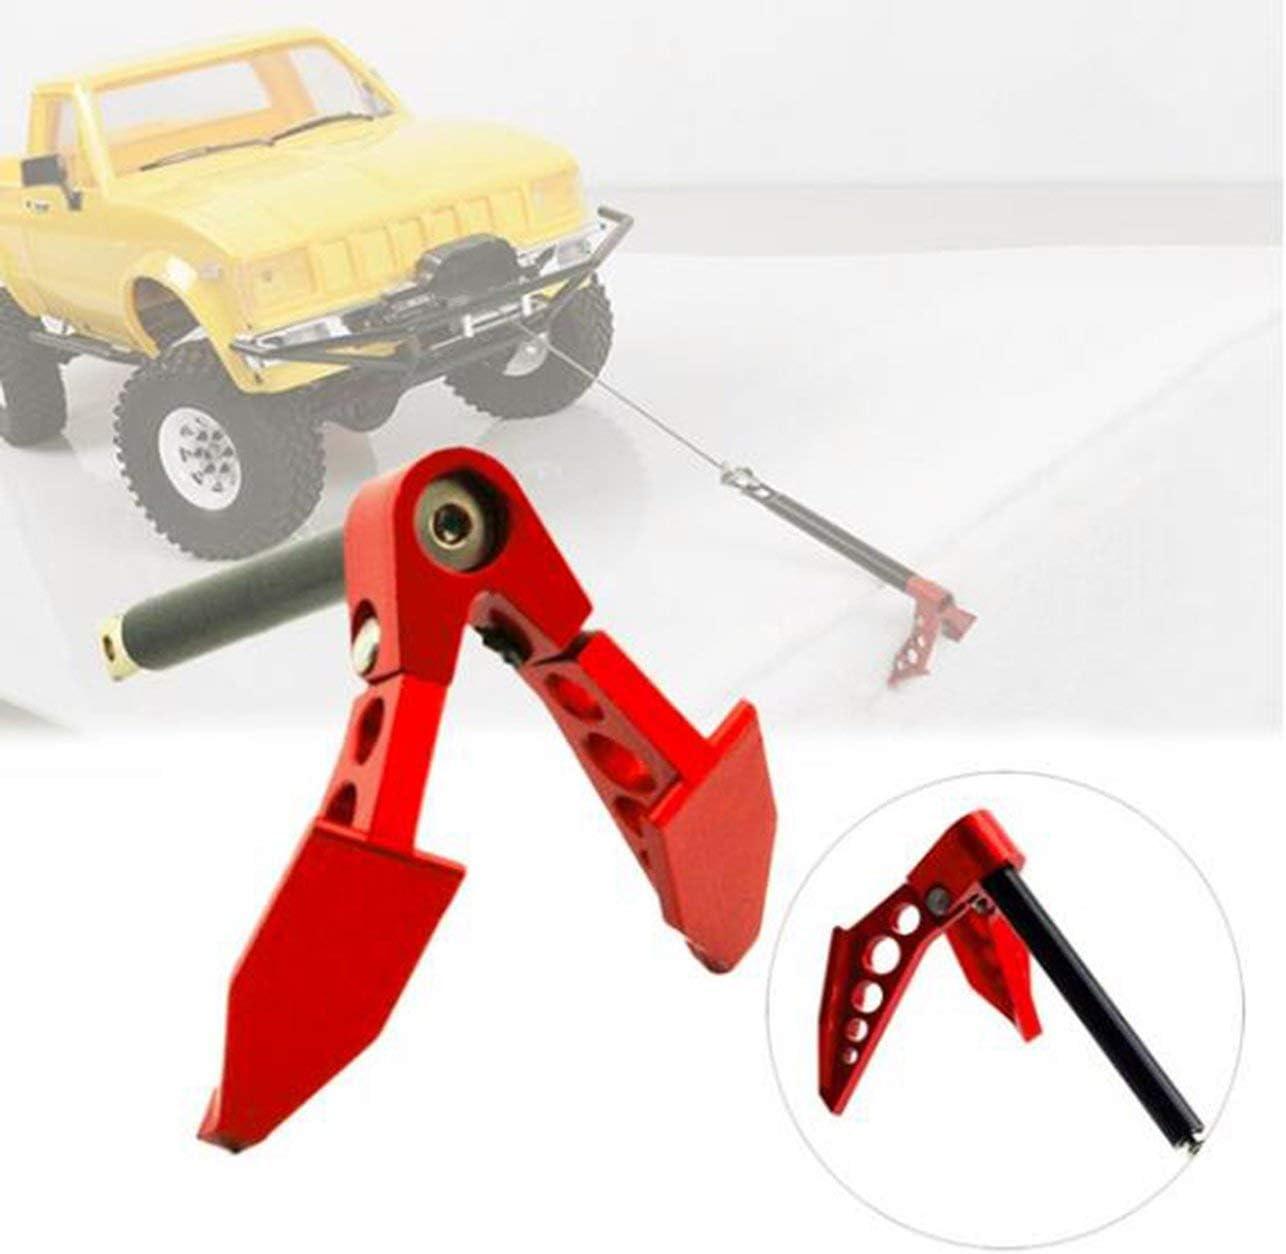 1:10 Faltbare Winde Erde Parkvorrichtung Decor Tool für RC Auto Zubehör G4